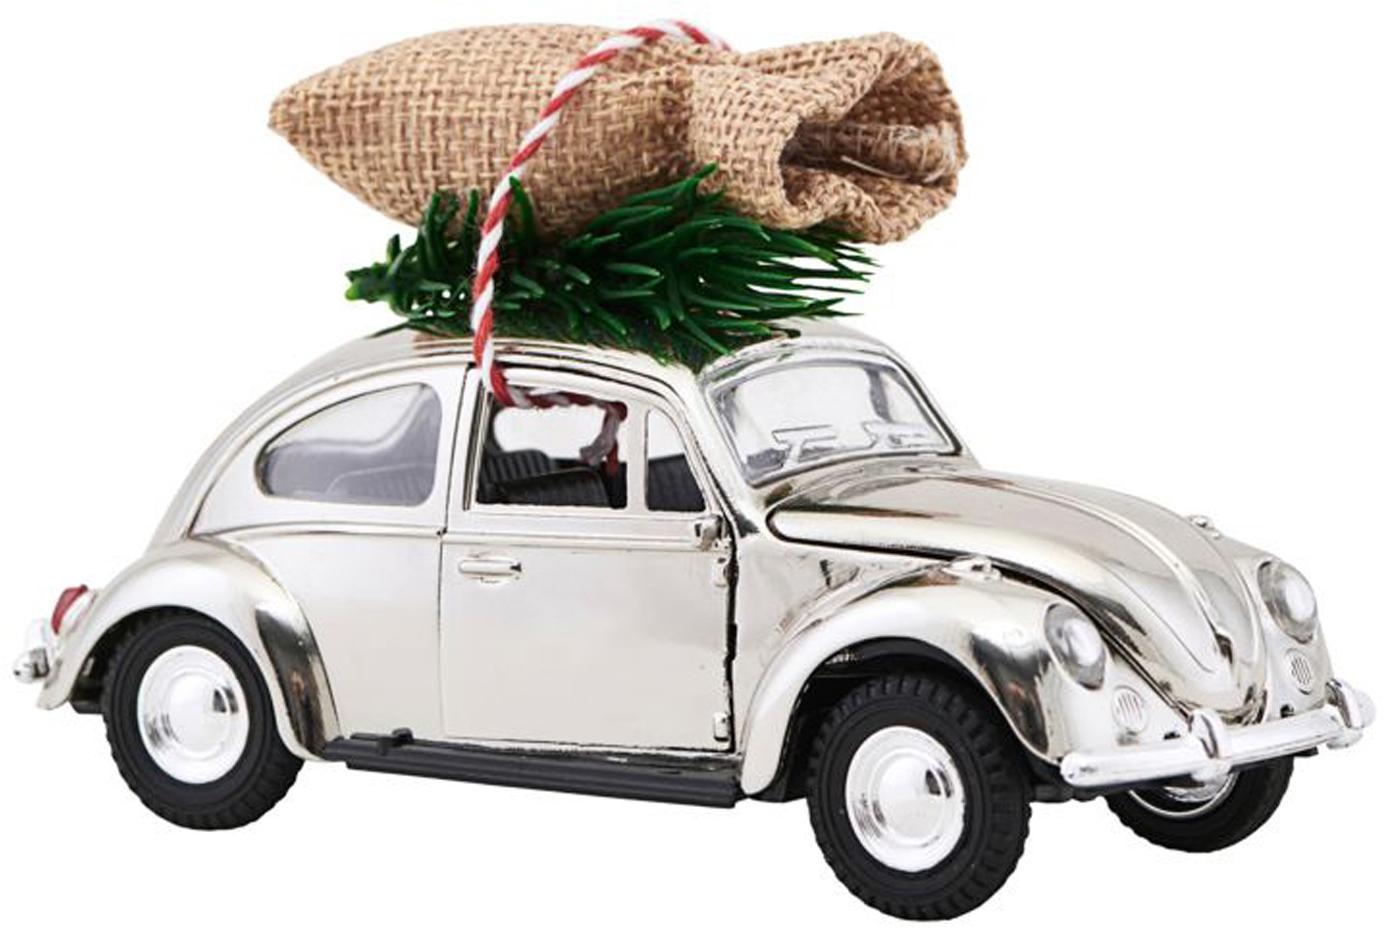 Decoratief object XMAS Delivery, Zink, plastic, Chroomkleurig, groen, beige, 5 x 7 cm